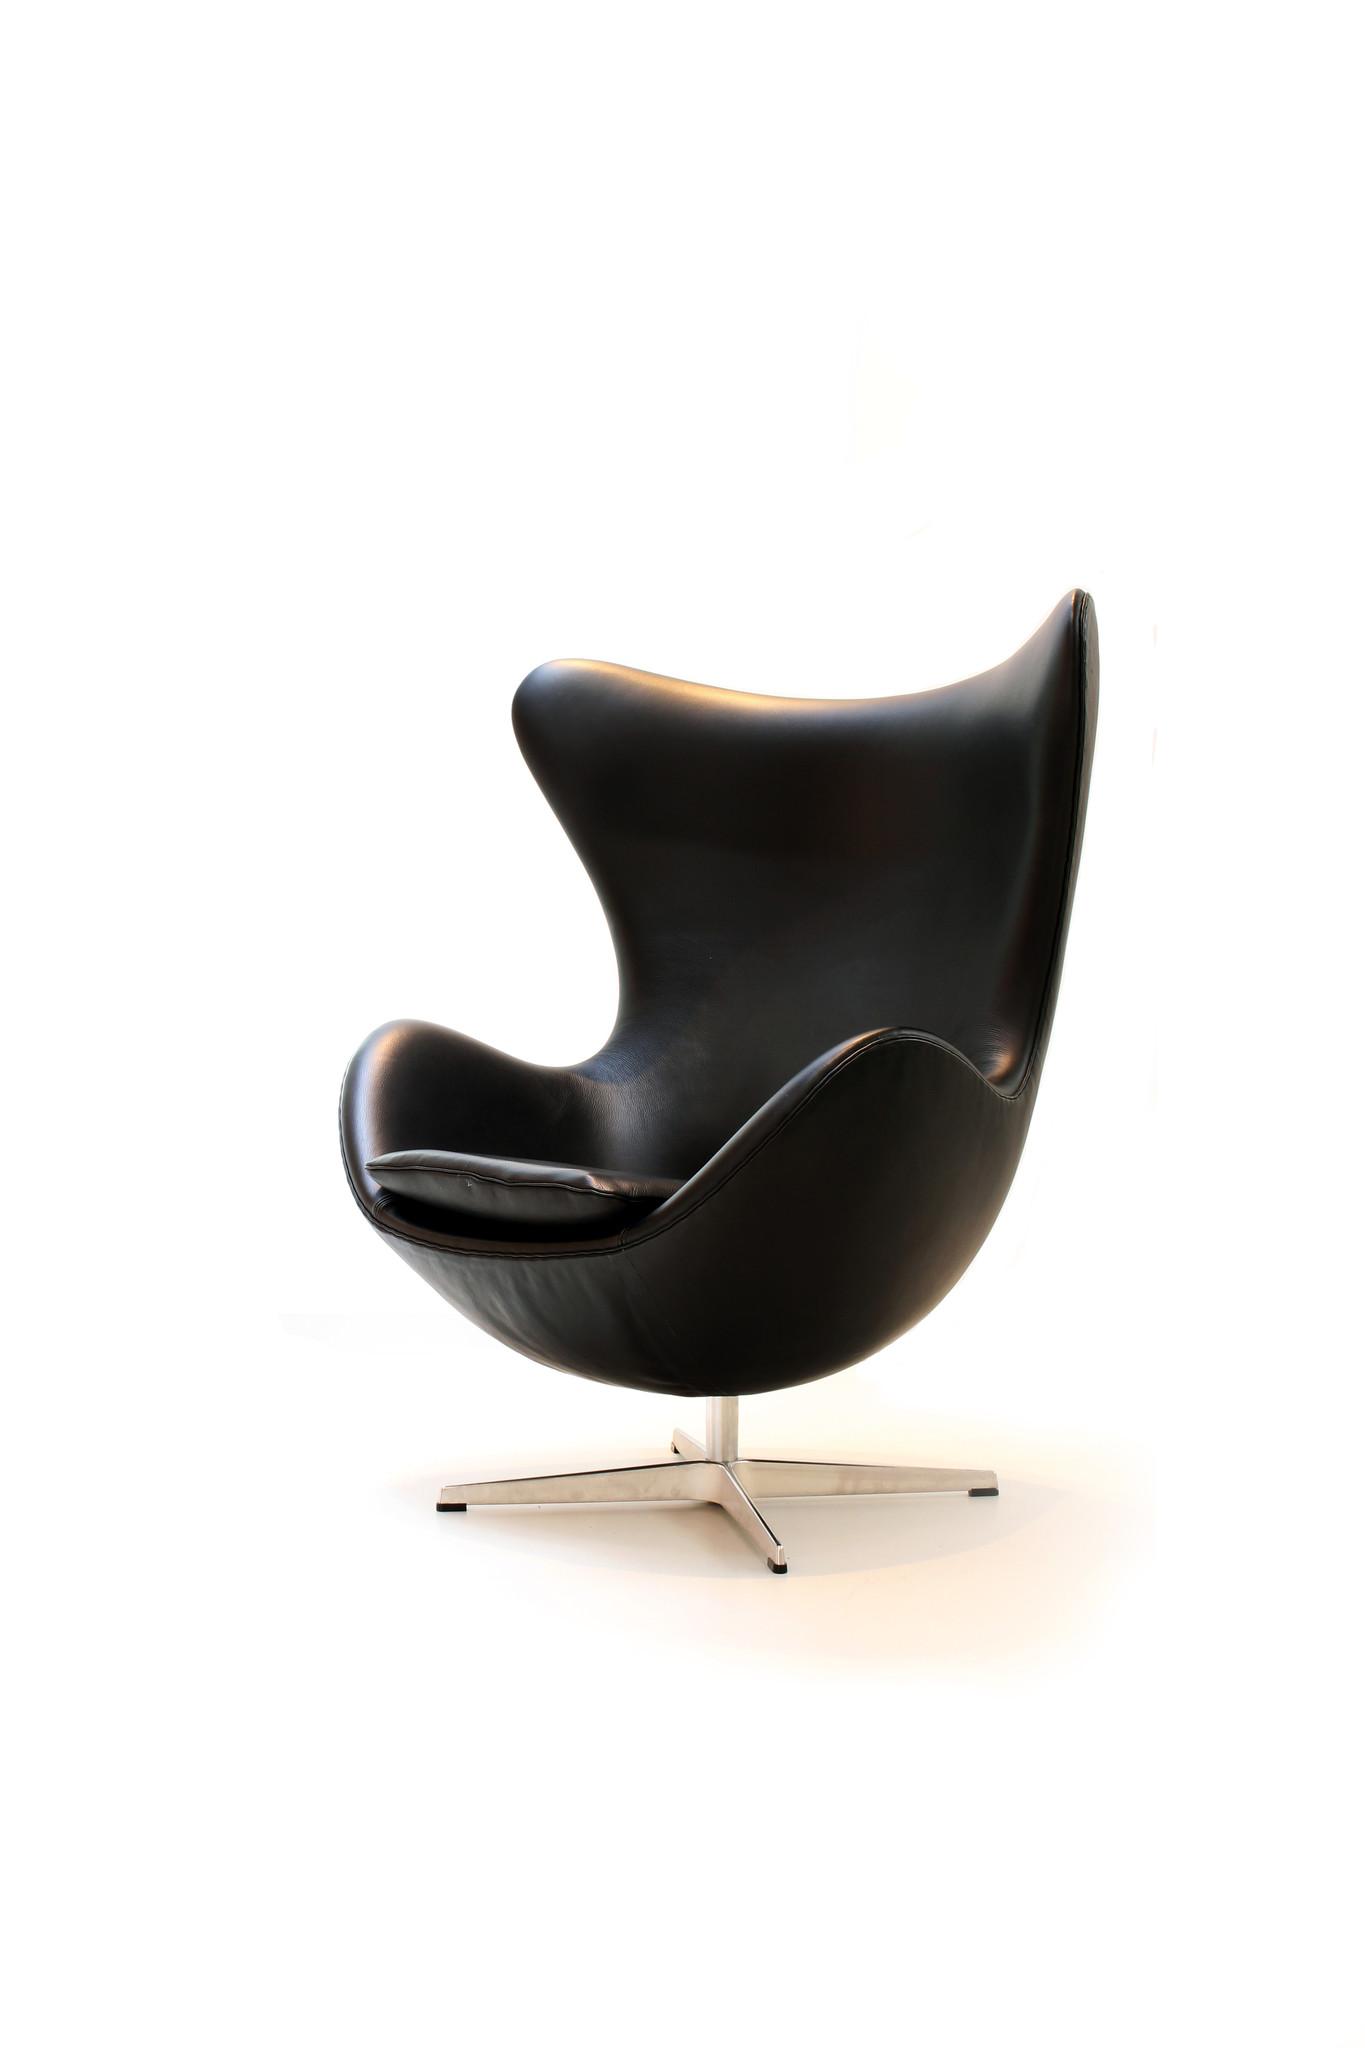 Arne Jacobsen Egg Chair Tweedehands.Uvbupjanbvmrqm